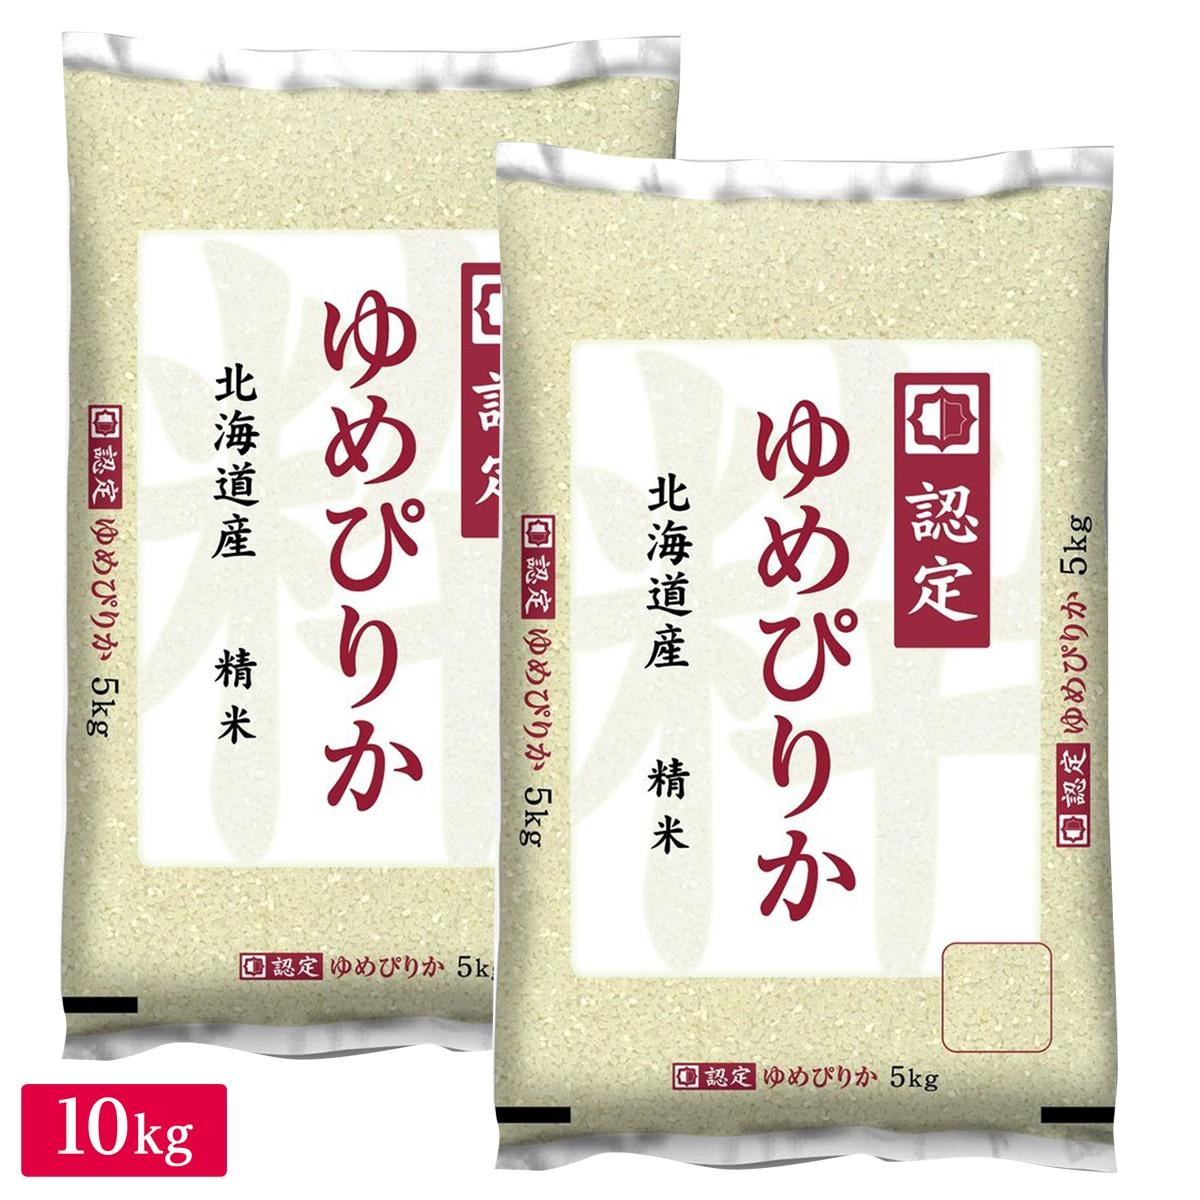 むらせライス ■【精米】令和2年産 北海道ゆめぴりか 10kg(5kg×2) 25690